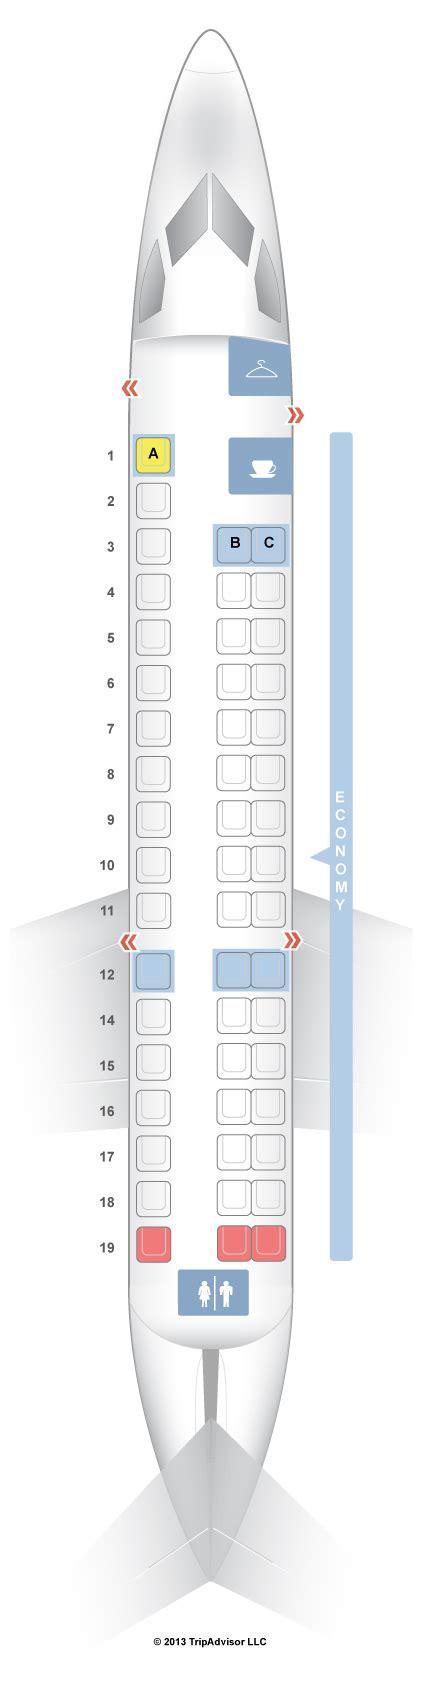 erj 145 seating seatguru seat map united embraer erj 145 v1